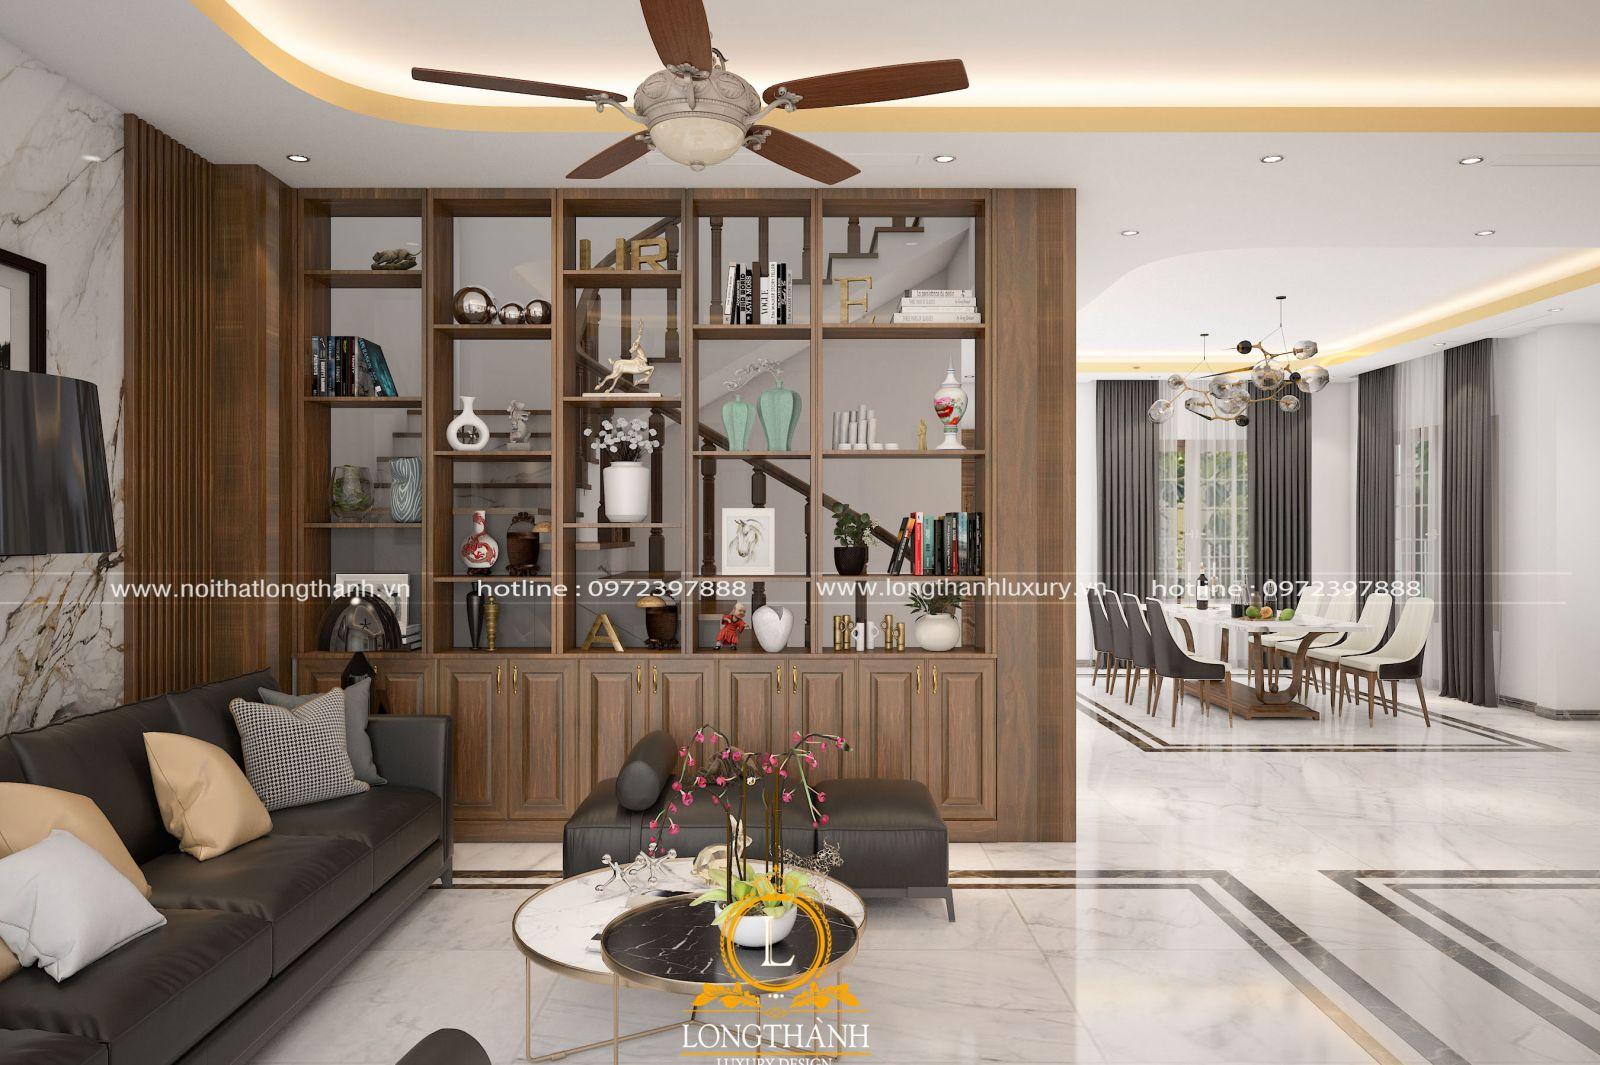 Phòng khách đẹp được thiết kế hệ vách trang trí ấn tượng tạo không gian riêng